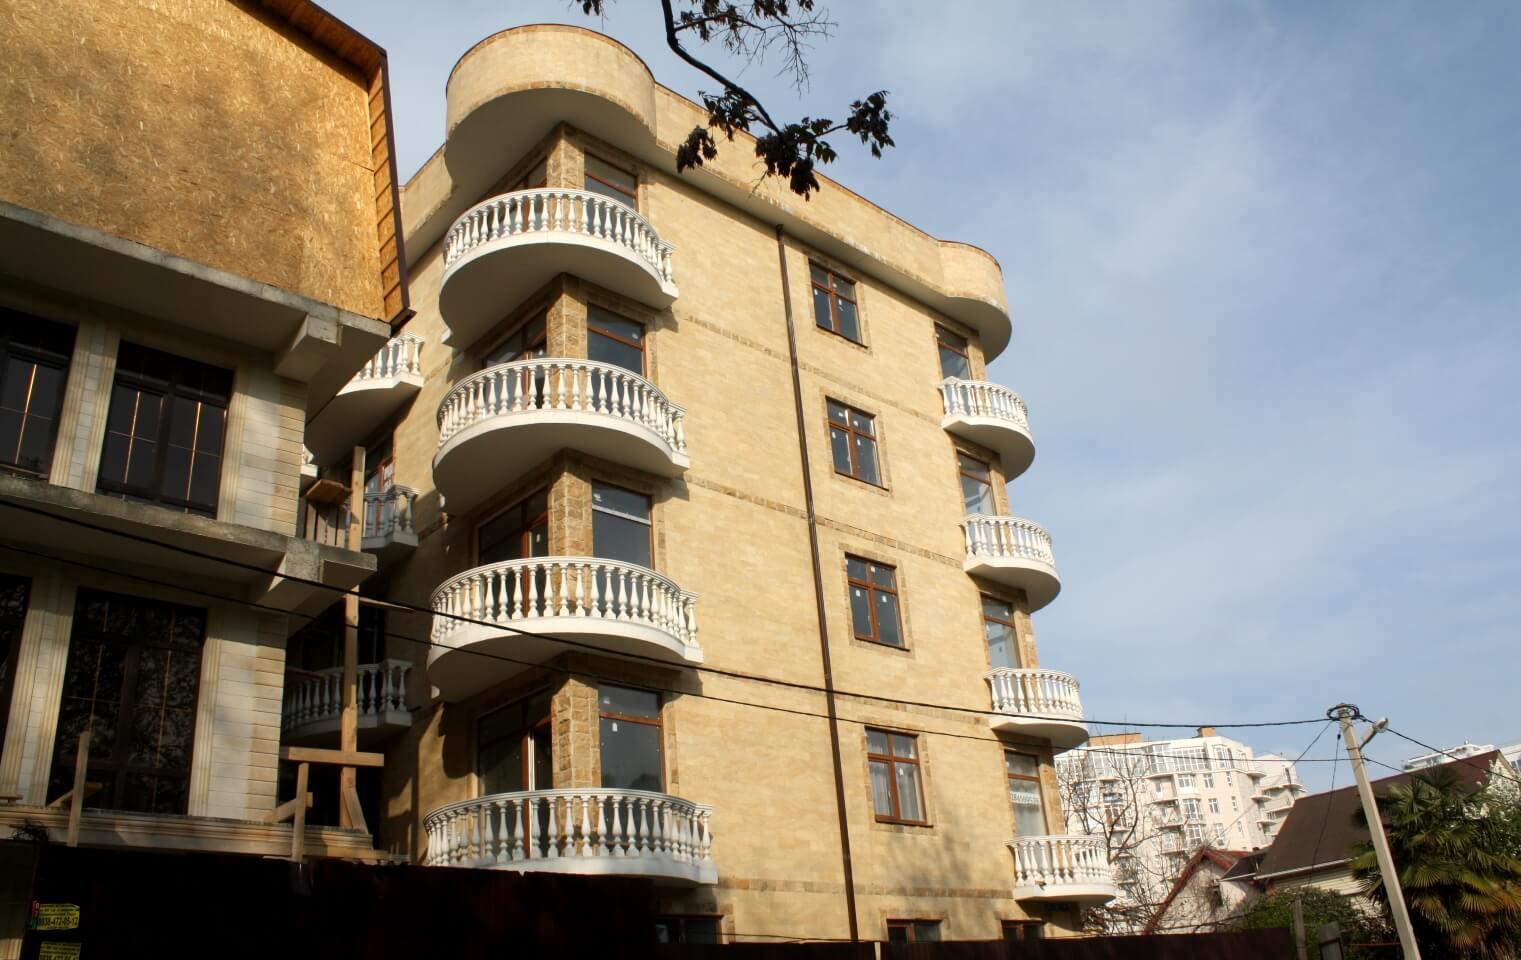 Продажа квартиры-студии по ул. Тюльпанов 25 (23,4 м²)